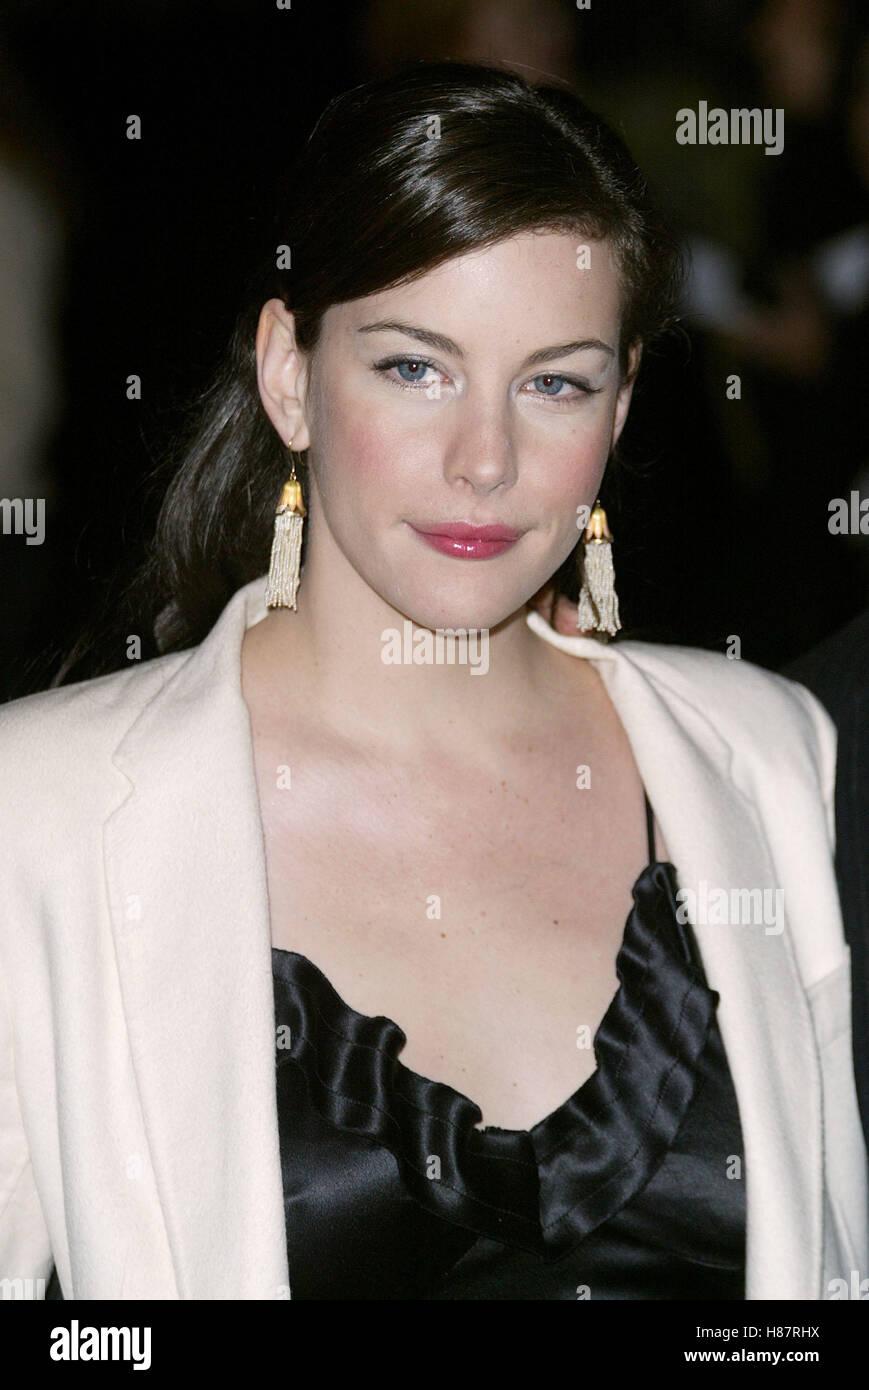 Toni Hudson,Eugenia Silva 2 1998-1999 Porno clip Shamita Shetty,Neal Bledsoe